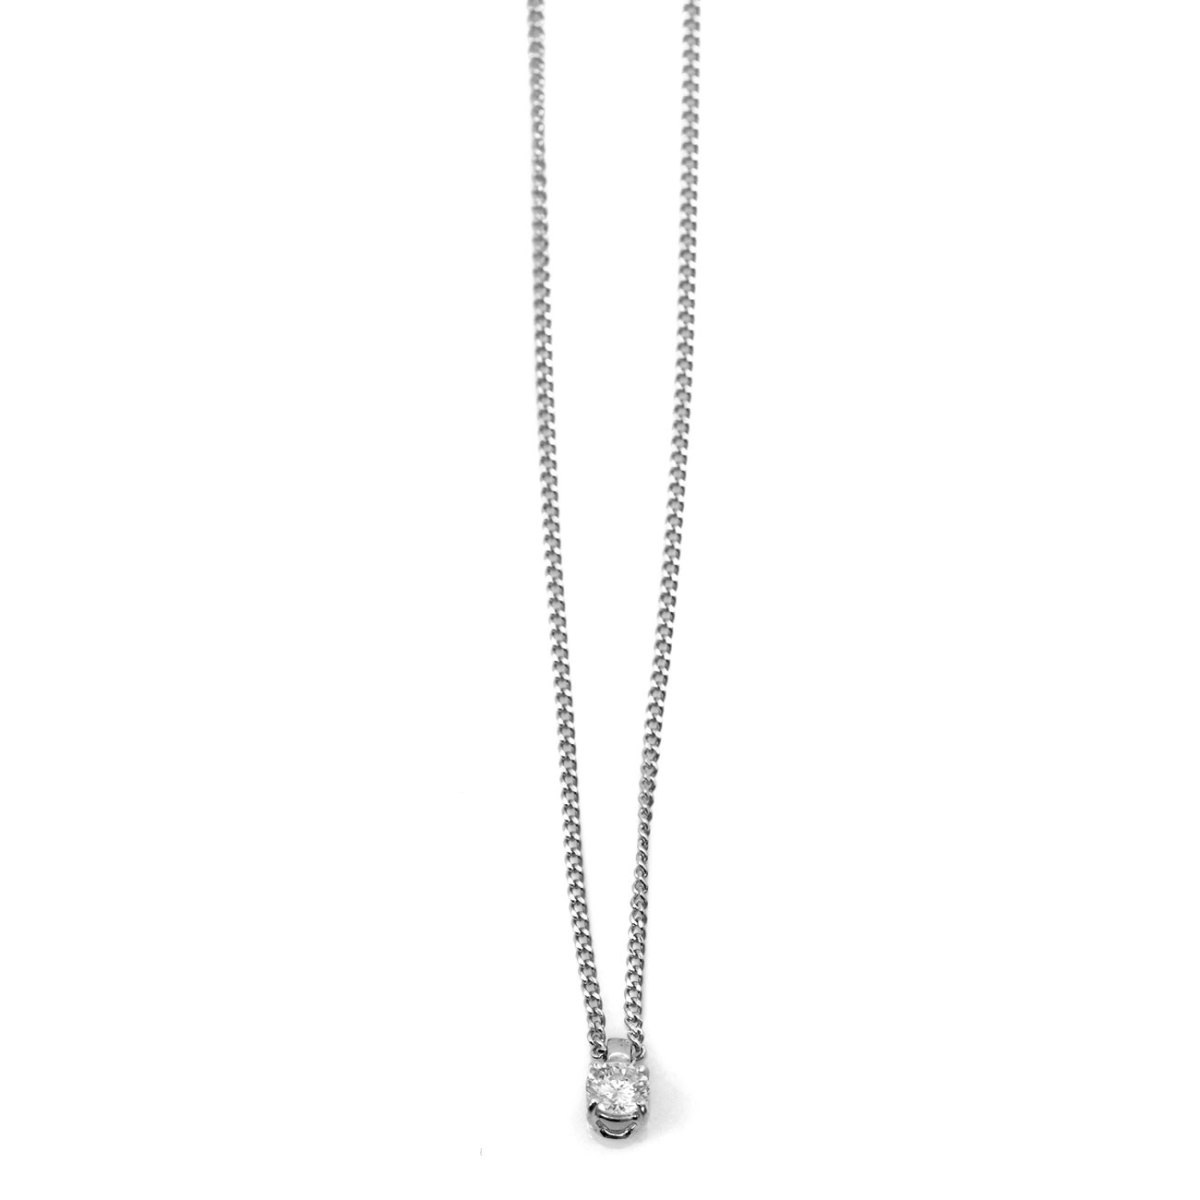 Pendentif diamant 0,43ct, monture or blanc, chaîne or blanc, Réf. PE+CH-A543 | EVENOR Joaillerie • Bijoux neufs • Bijoux Vintage